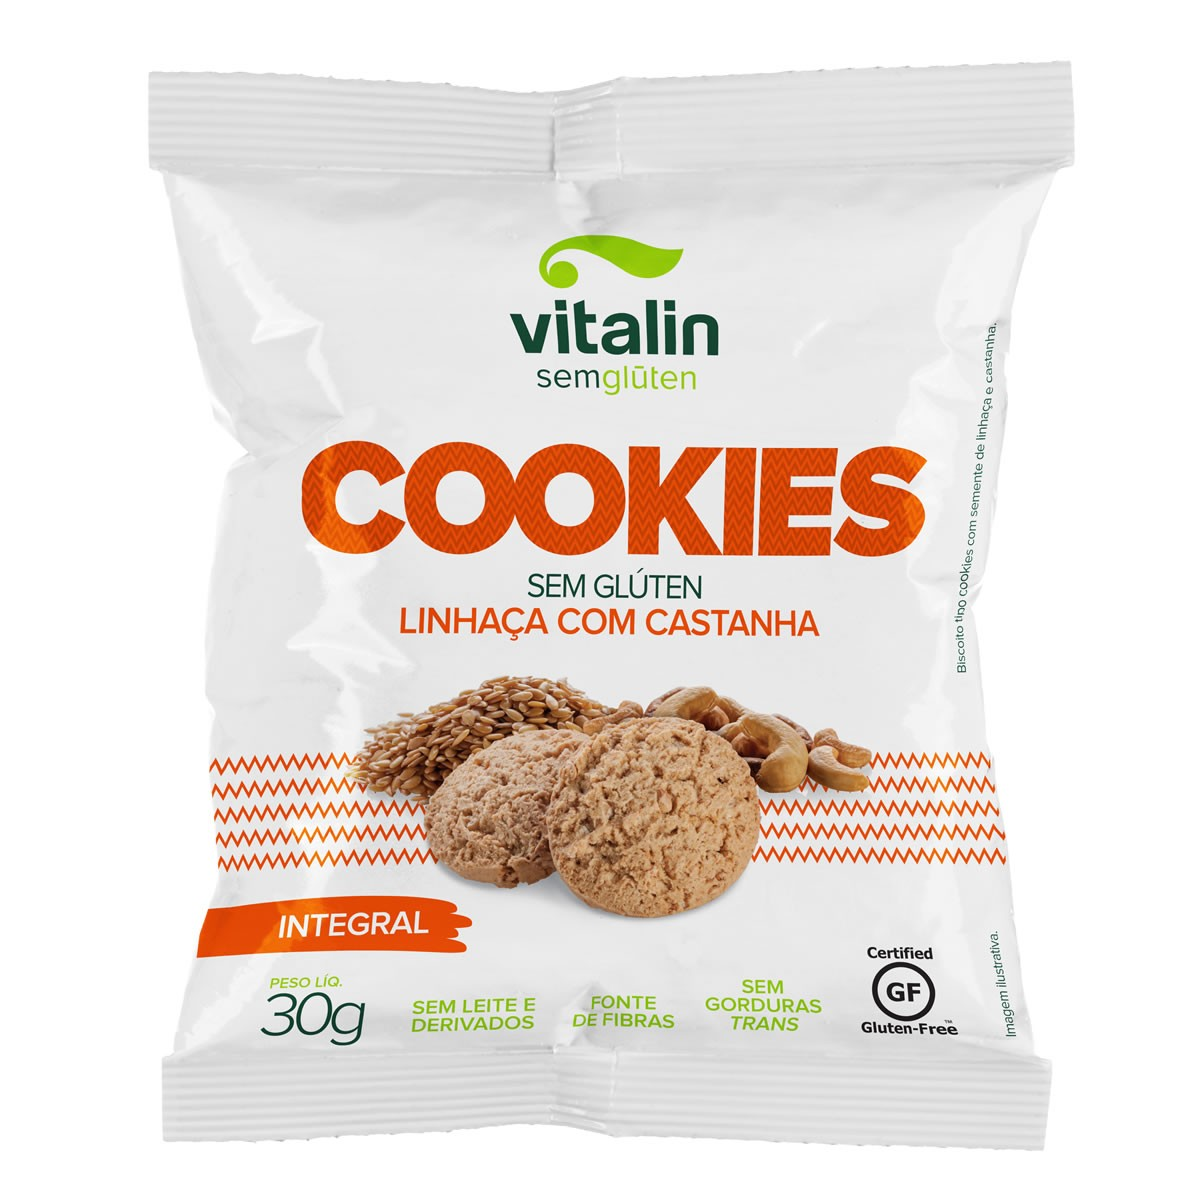 Cookie Sabor Linhaça com Castanha  30g - Vitalin